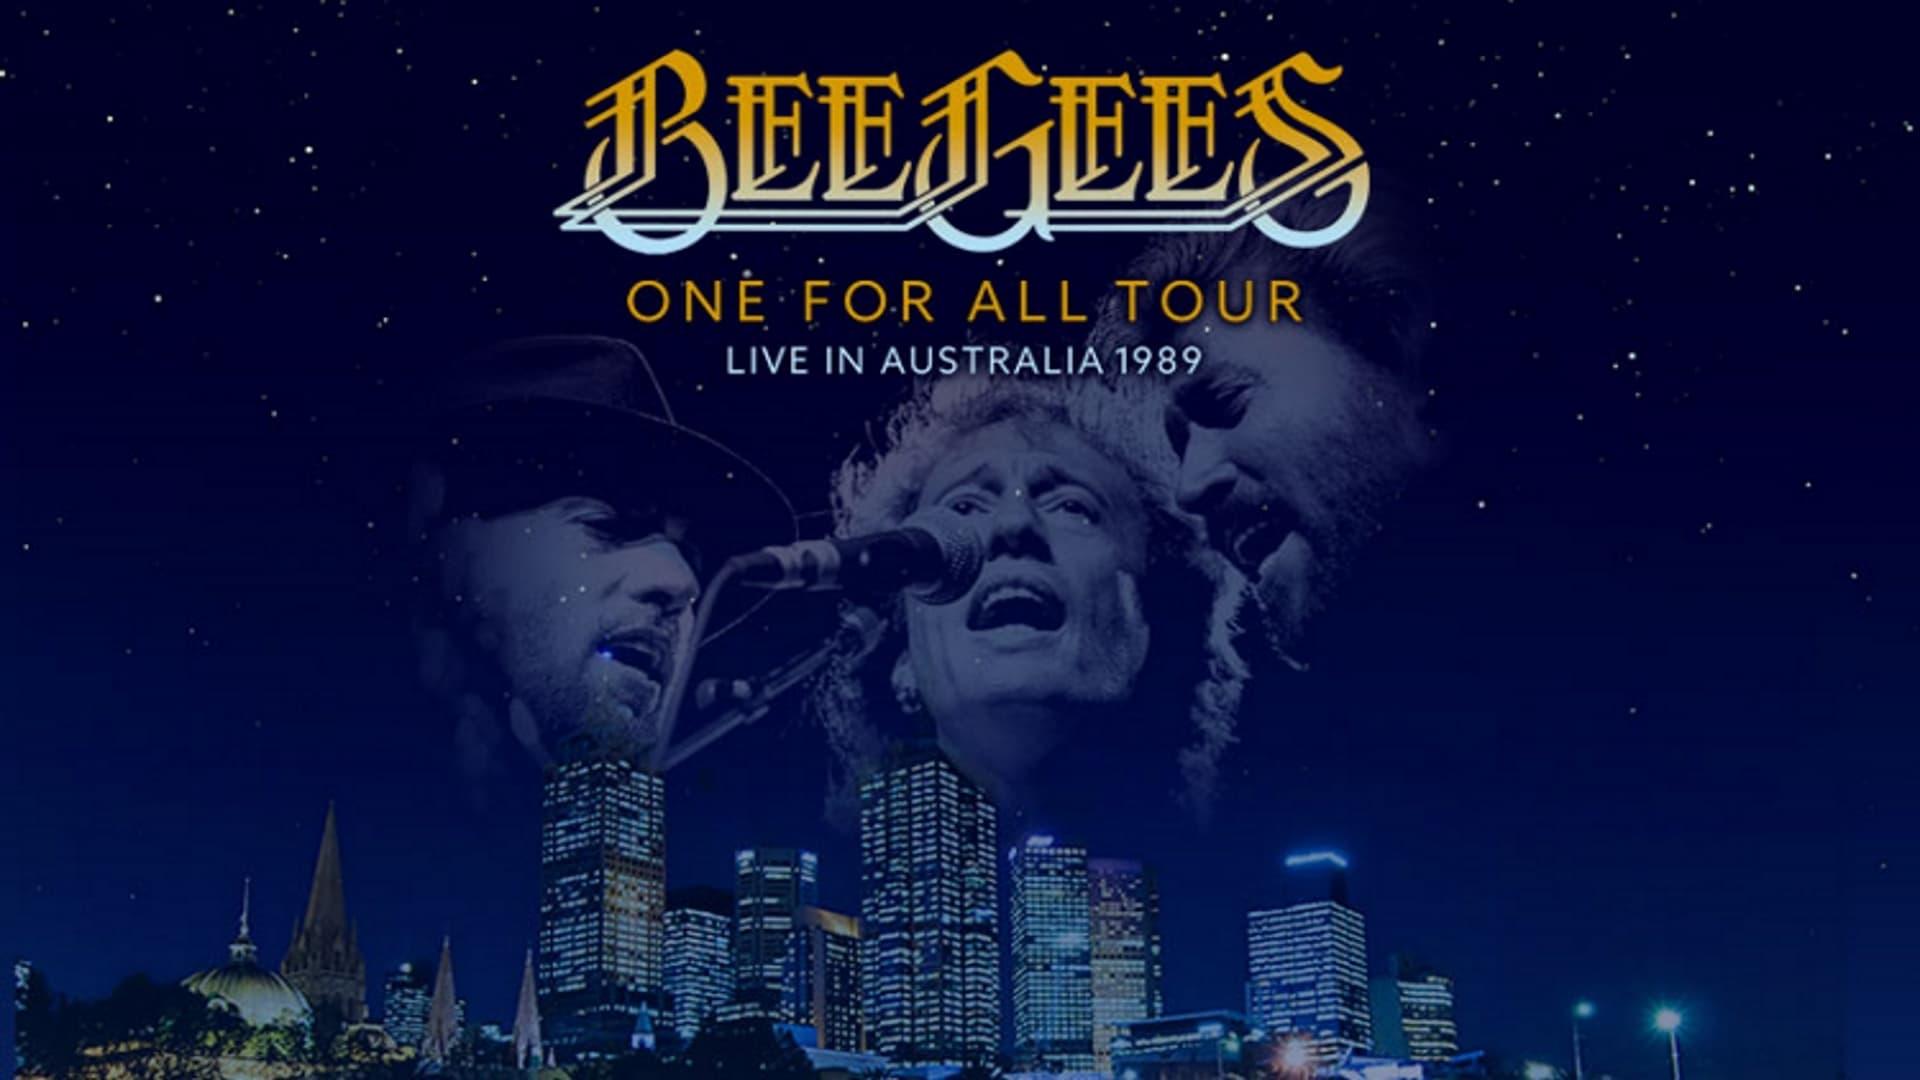 1989 tour dates in Australia